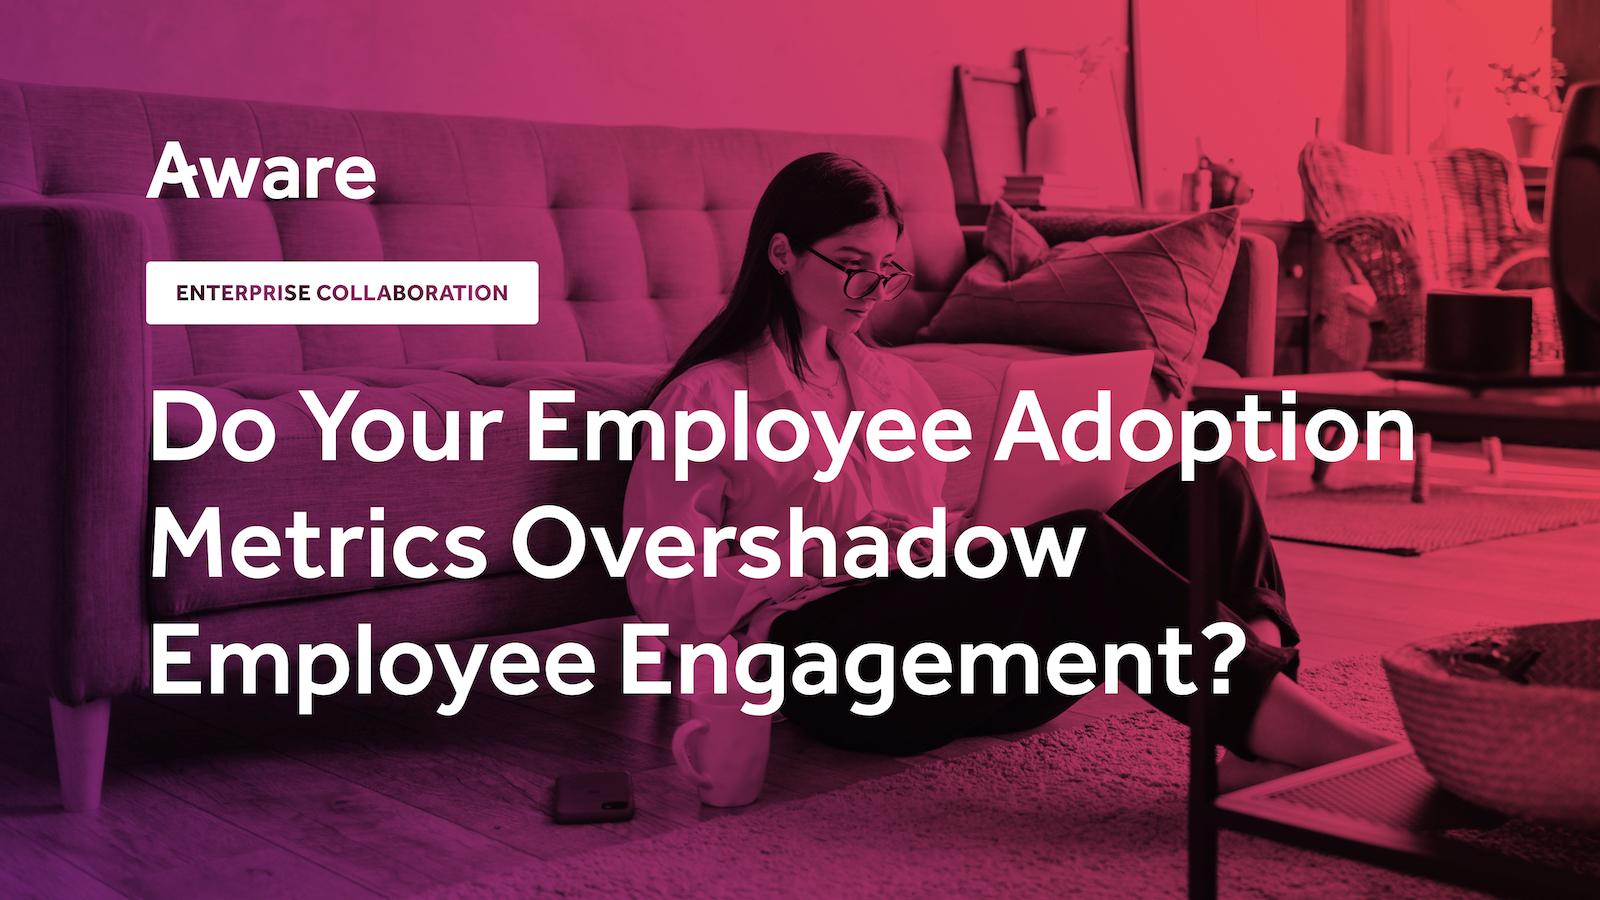 Do Your Employee Adoption Metrics Overshadow Employee Engagement?